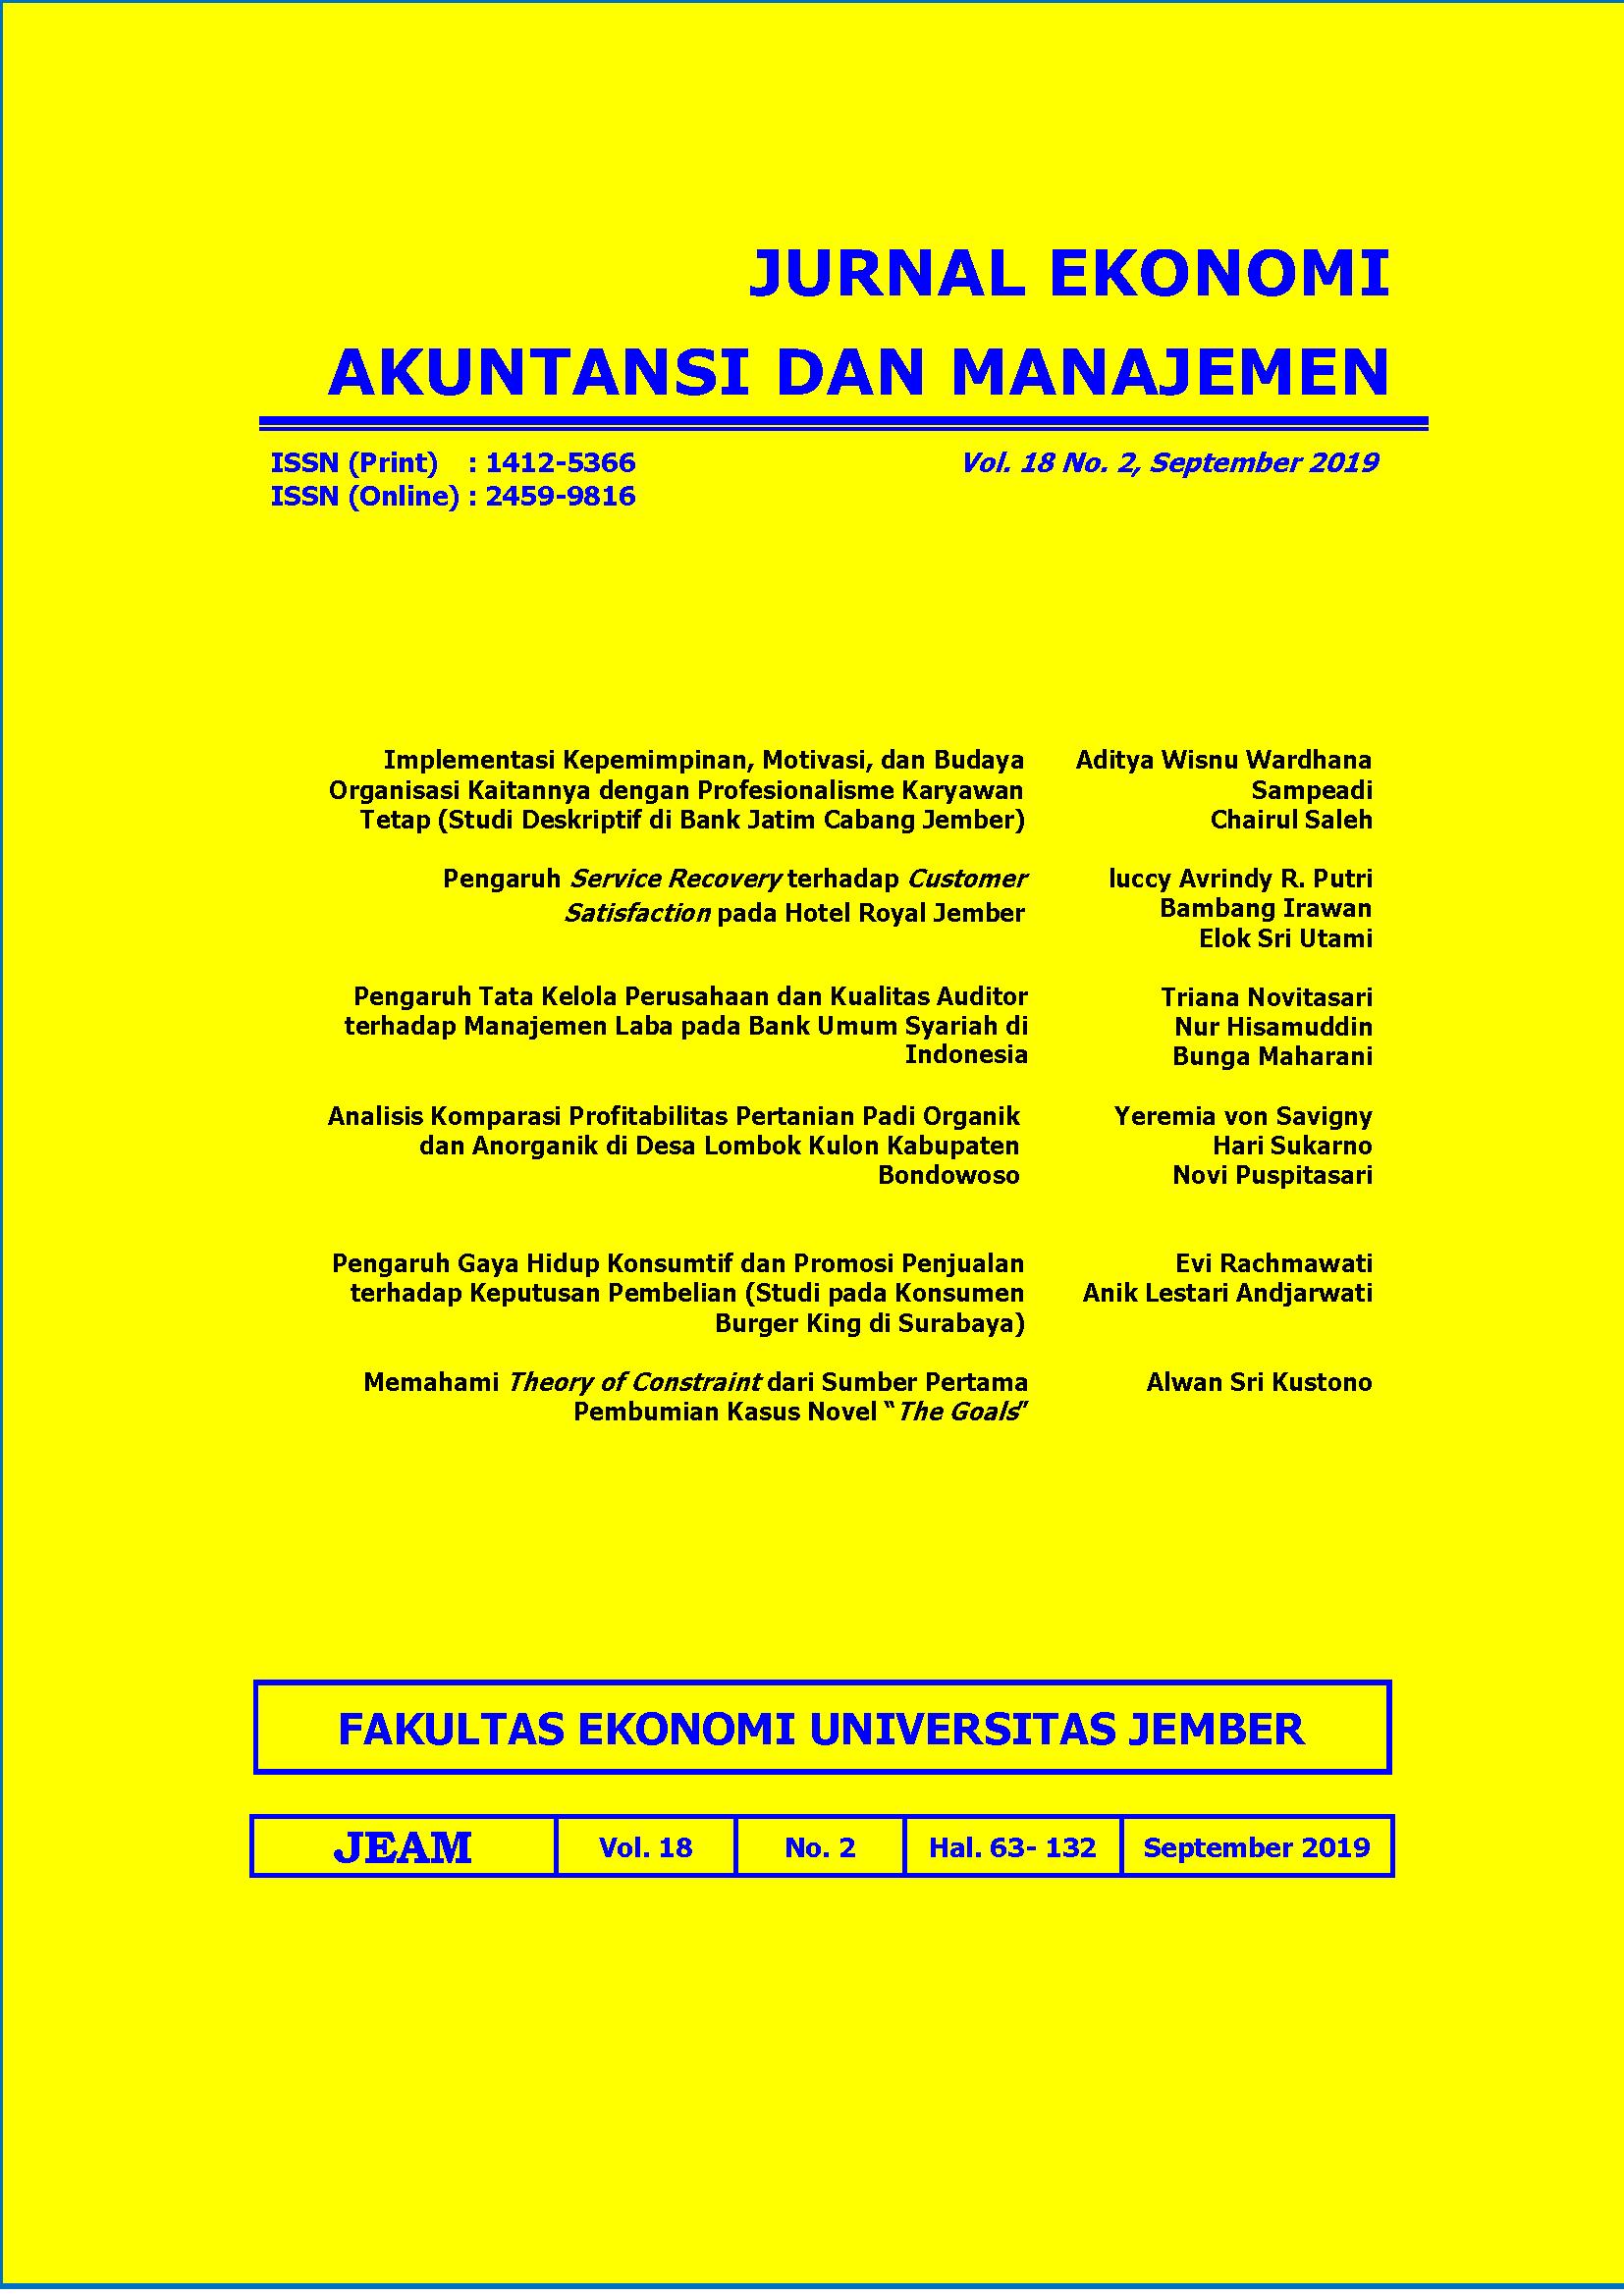 Pengaruh Gaya Hidup Konsumtif Dan Promosi Penjualan Terhadap Keputusan Pembelian Jurnal Ekonomi Akuntansi Dan Manajemen